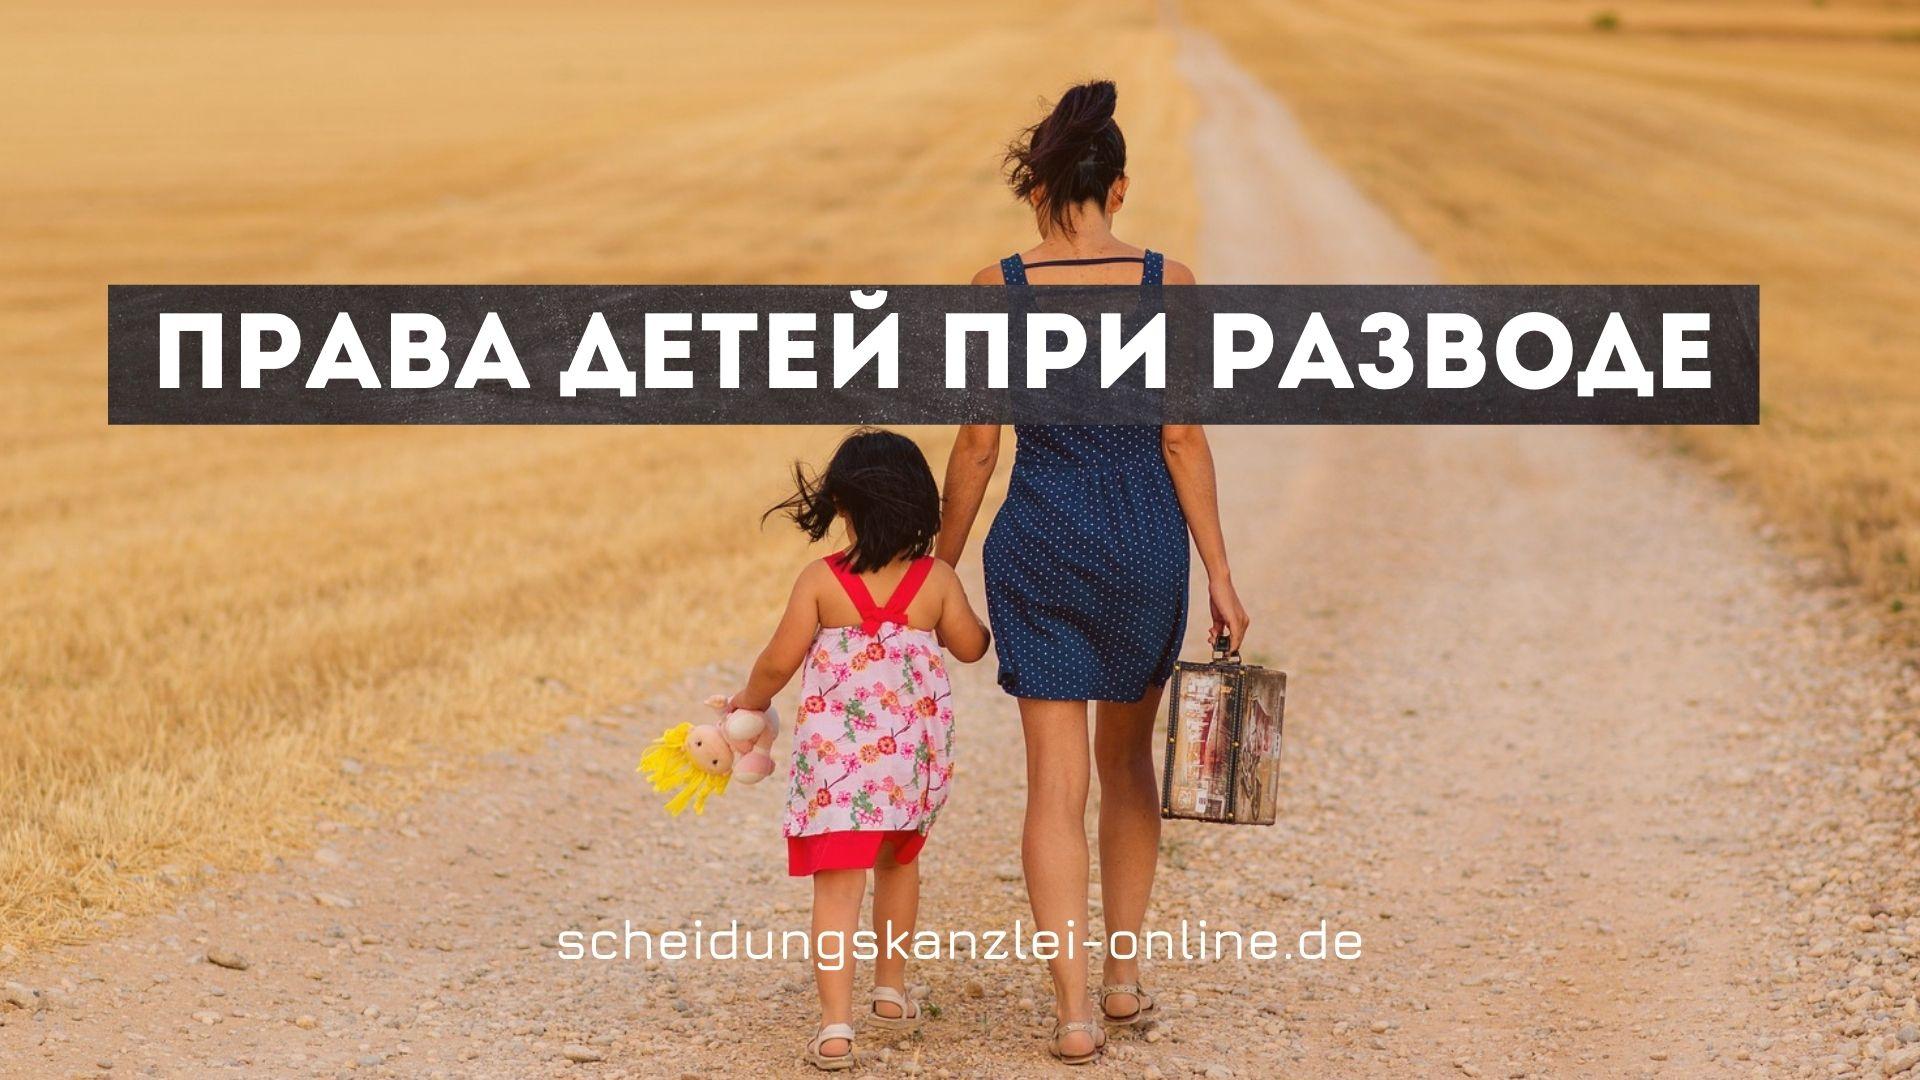 Права ребенка при разводе в Германии